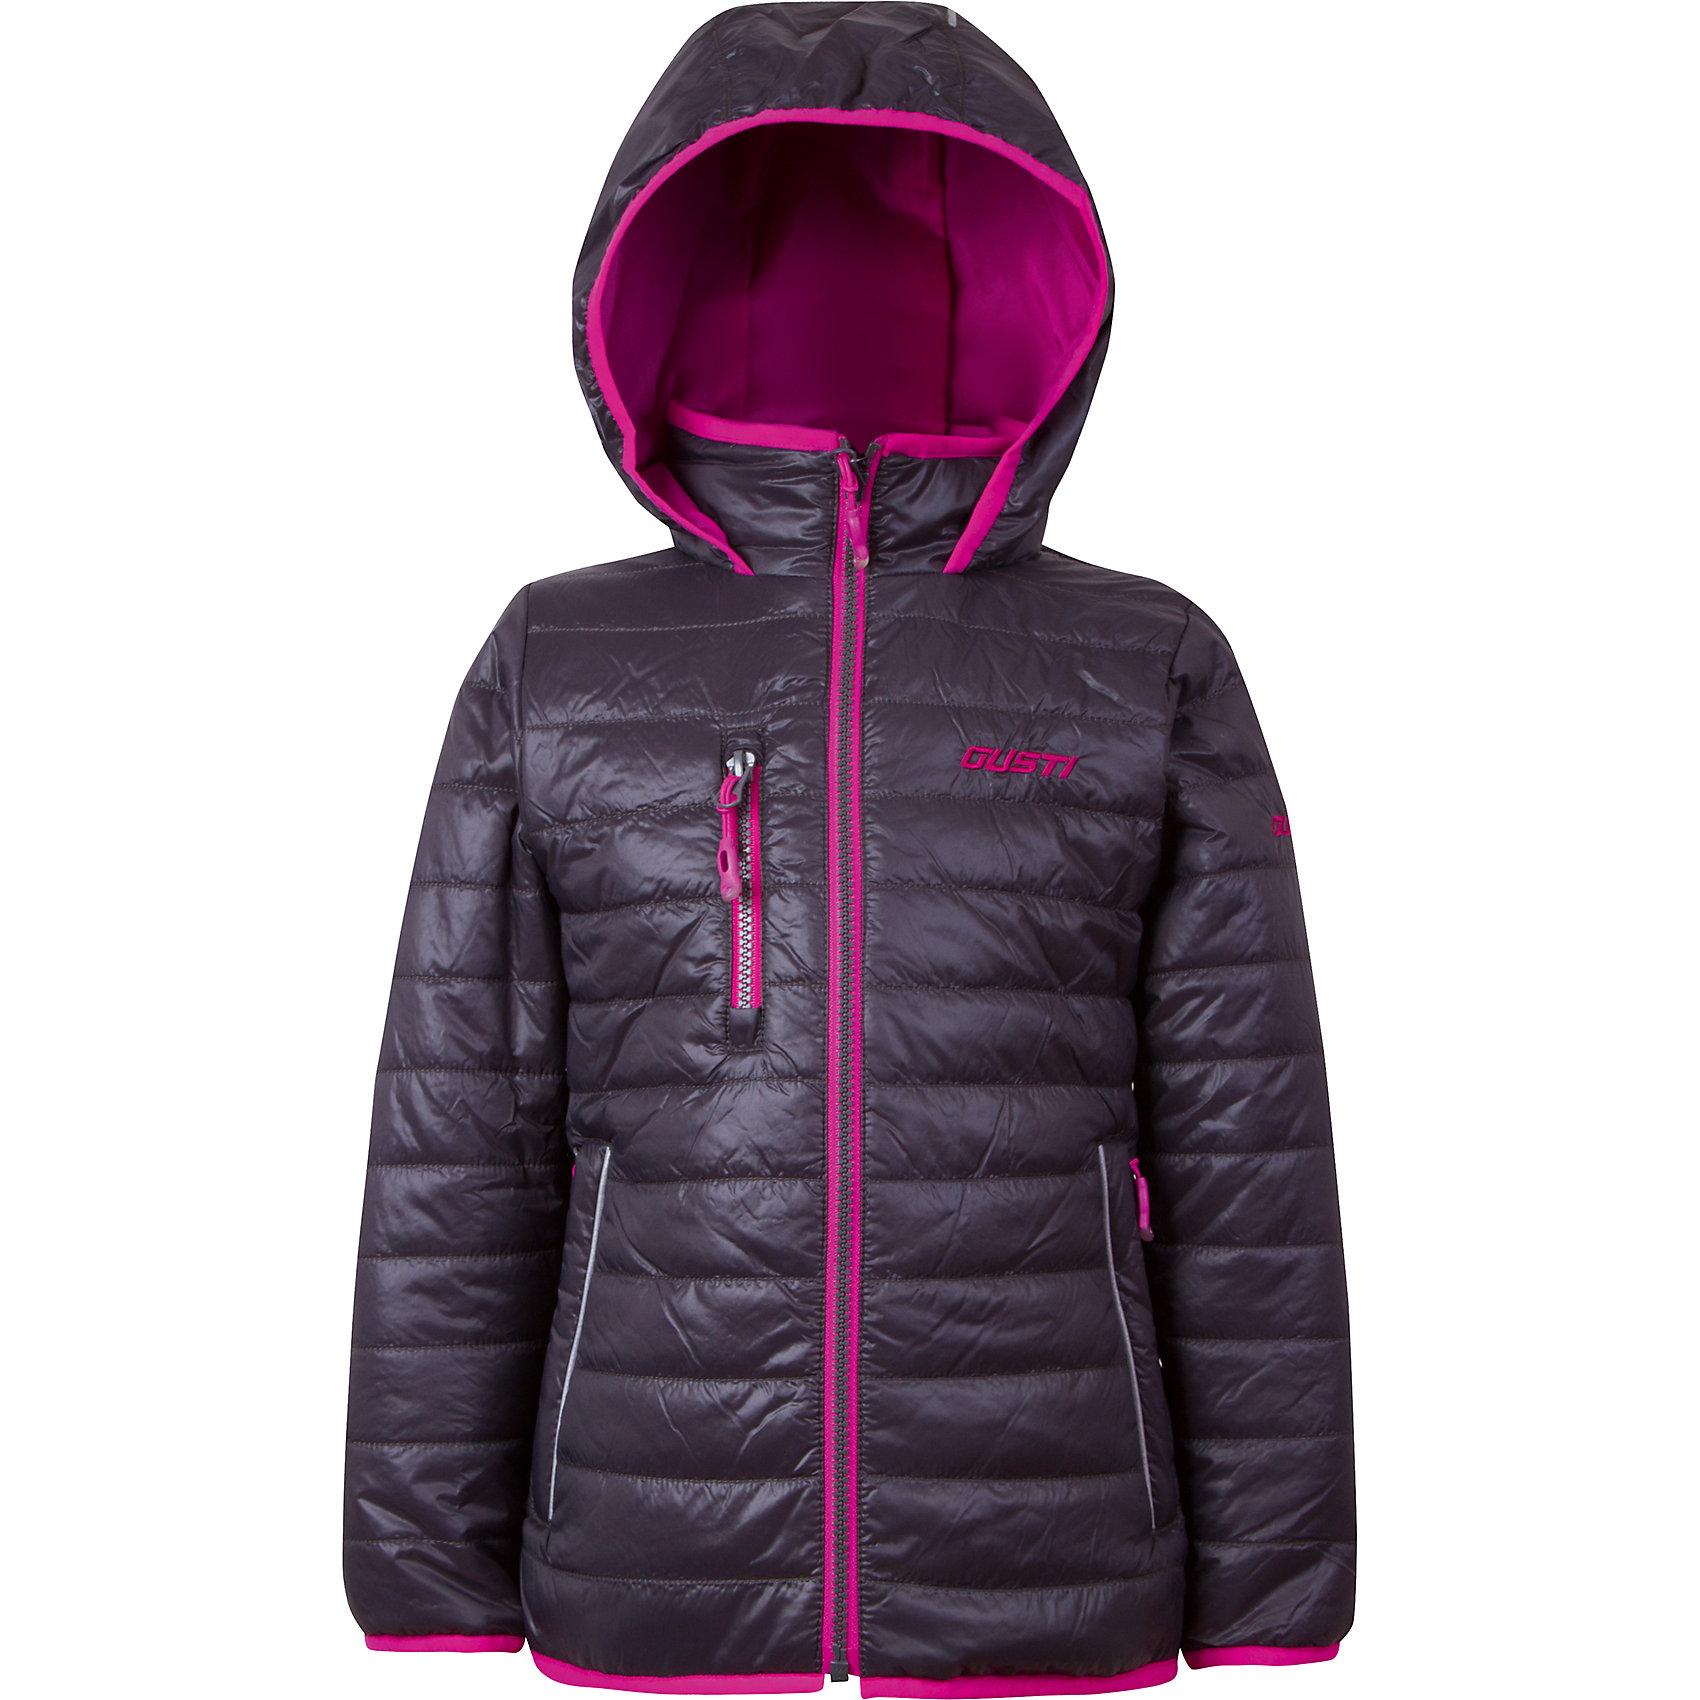 Куртка для девочки GustiВерхняя одежда<br>Характеристики товара:<br><br>• цвет: чёрный<br>• состав: 100% полиэстер, полиуретановое покрытие, подкладка - 100% полиэстер<br>• наполнитель: 100 гр teck polifill<br>• температурный режим: от +5° С до +15° С<br>• водонепроницаемый материал<br>• капюшон<br>• карманы<br>• водонепроницаемость: 2000 мм<br>• паропроницаемость: 2000 г/м2<br>• комфортная посадка<br>• светоотражающие элементы<br>• молния<br>• подкладка: таффета<br>• демисезонная<br>• страна бренда: Канада<br><br>Эта демисезонная куртка с мембранной технологией поможет обеспечить ребенку комфорт и тепло. Изделие удобно садится по фигуре, отлично смотрится с различным низом и обувью. Куртка модно выглядит, она хорошо защищает от ветра и влаги. Материал отлично подходит для дождливой погоды. Стильный дизайн разрабатывался специально для детей.<br><br>Куртку для девочки от известного бренда Gusti (Густи) можно купить в нашем интернет-магазине.<br><br>Ширина мм: 356<br>Глубина мм: 10<br>Высота мм: 245<br>Вес г: 519<br>Цвет: черный<br>Возраст от месяцев: 24<br>Возраст до месяцев: 36<br>Пол: Женский<br>Возраст: Детский<br>Размер: 100,128,140,92,98,104,110,116,152,120,122<br>SKU: 5452538